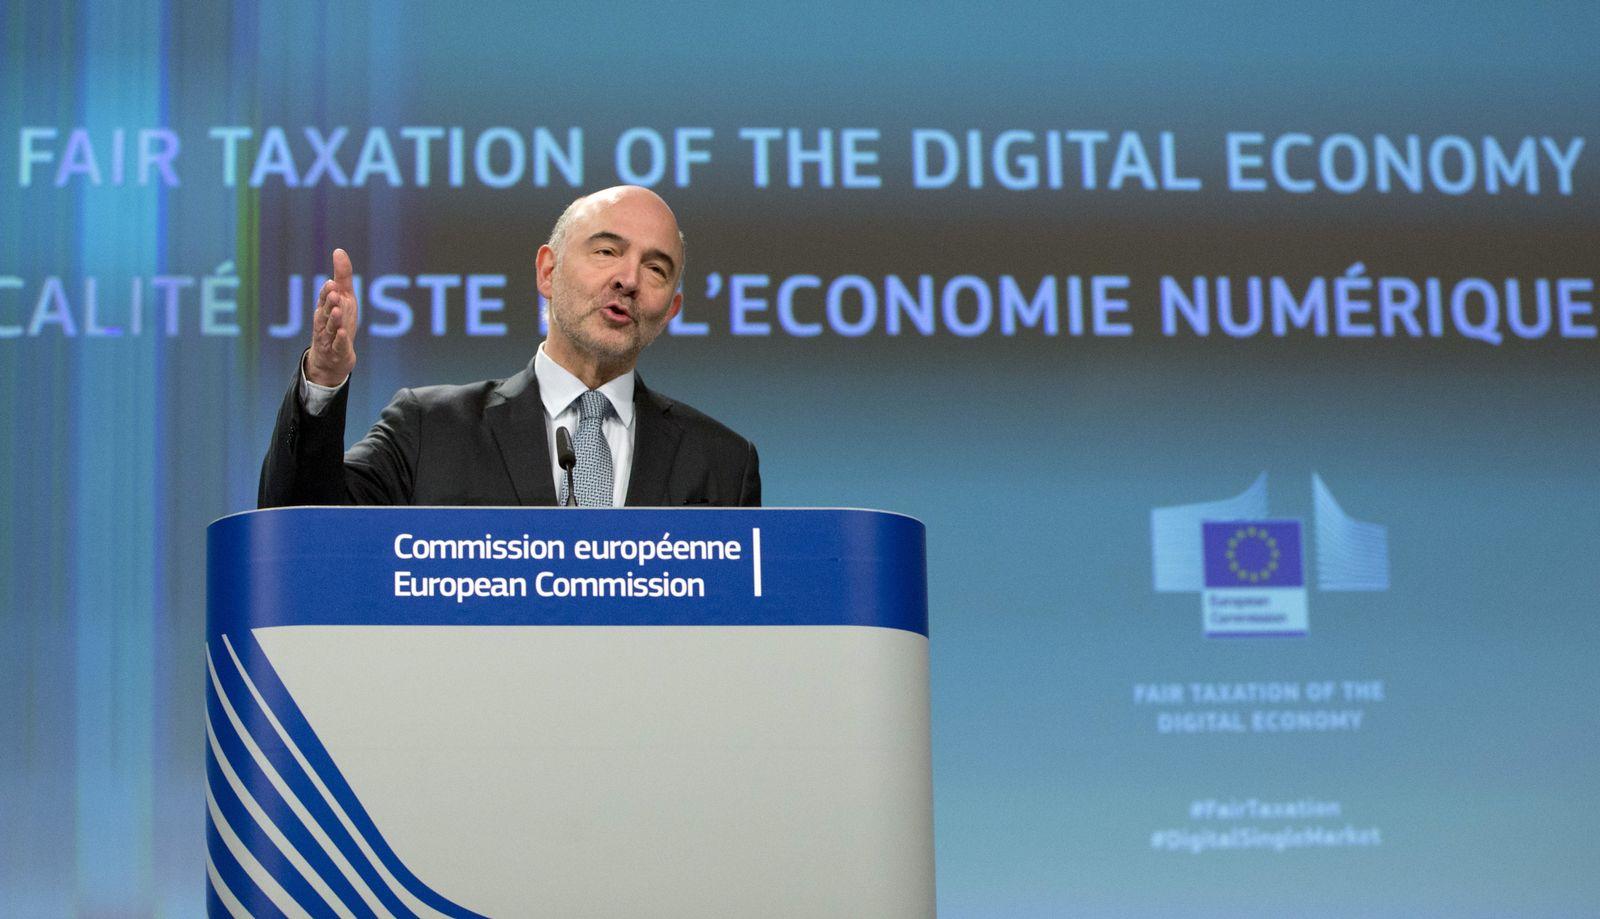 Belgium Tax Digital Economy